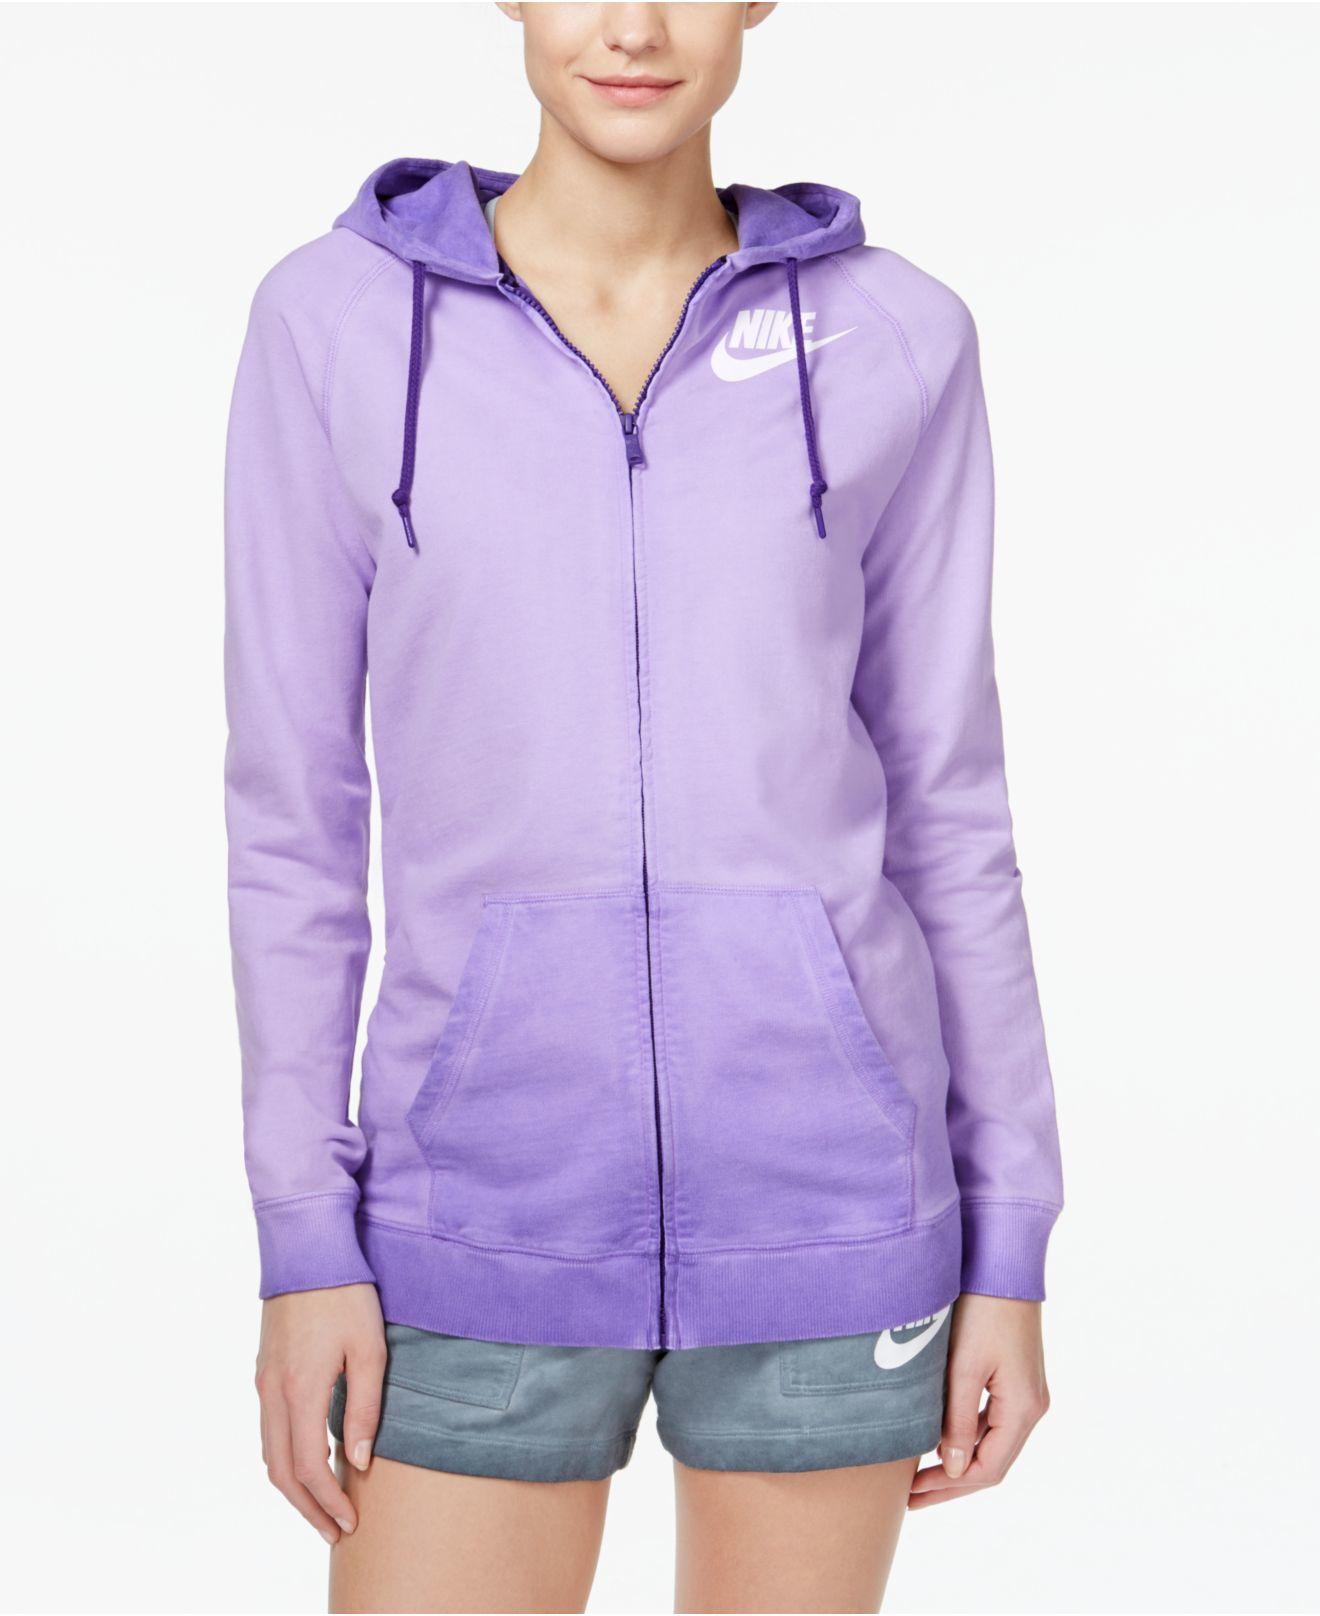 29a1c545e84f Lyst - Nike Solstice Boyfriend Zip Hoodie in Purple